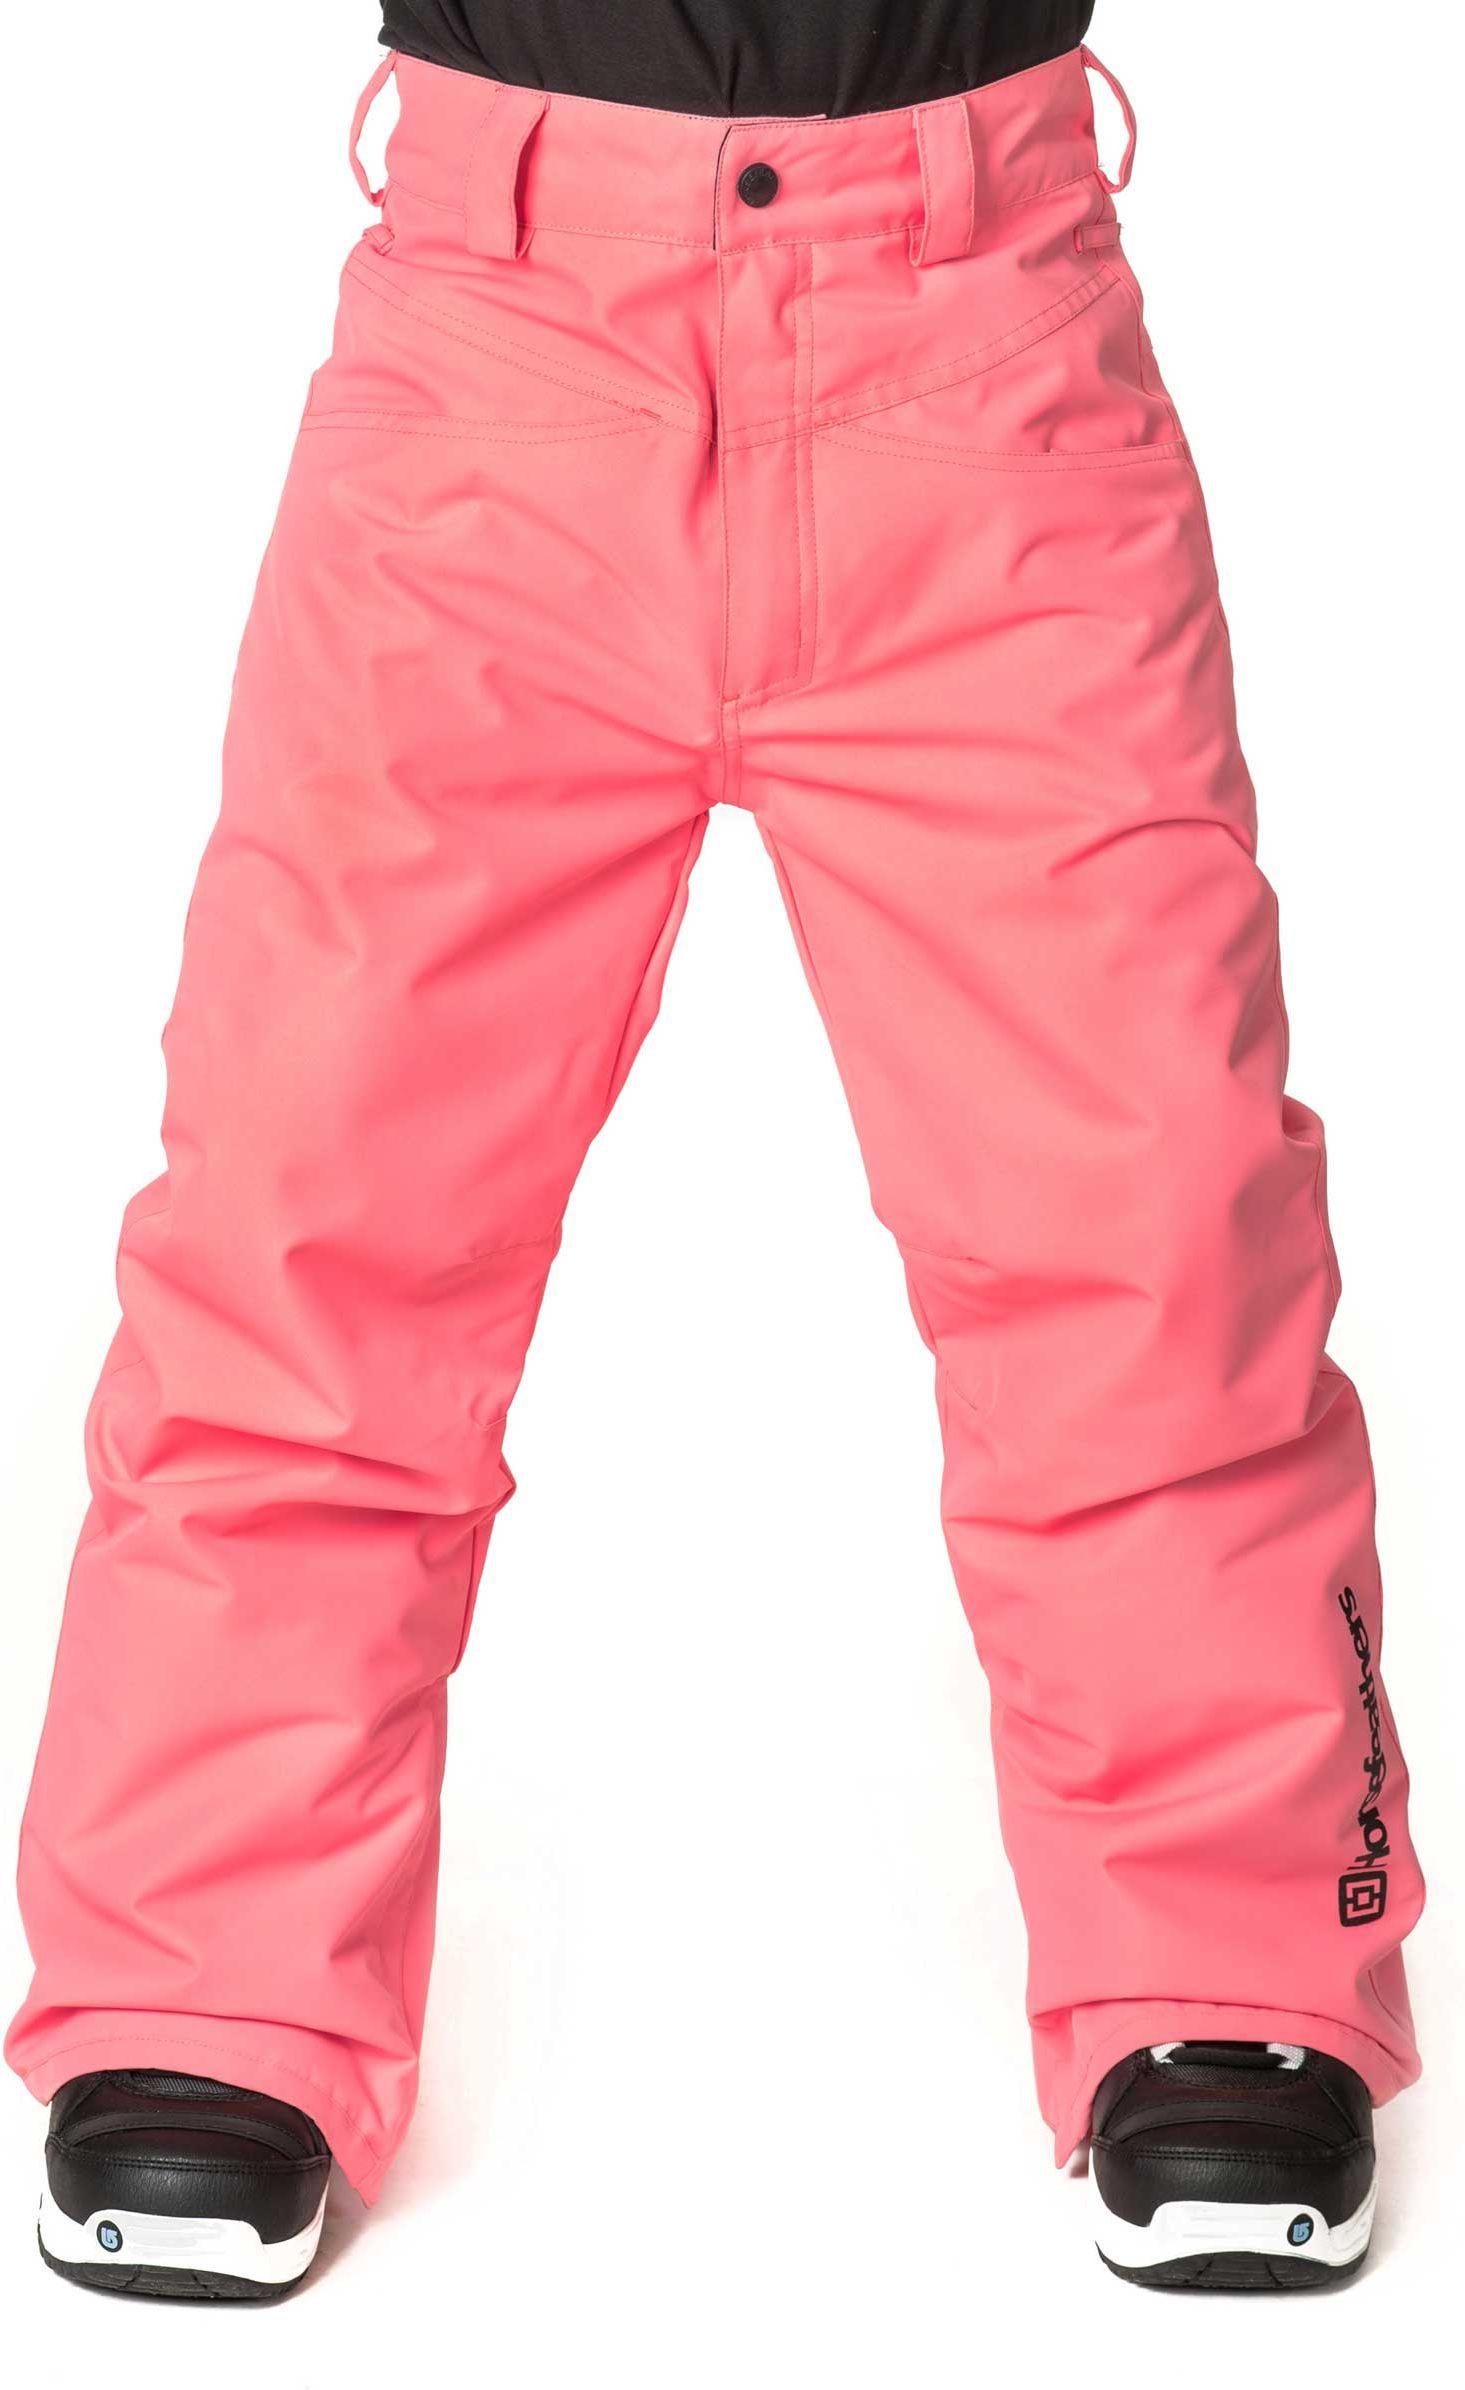 zimowe spodnie dziecięce HORSEFEATHERS RAE KIDS PANTS (bubblegum)